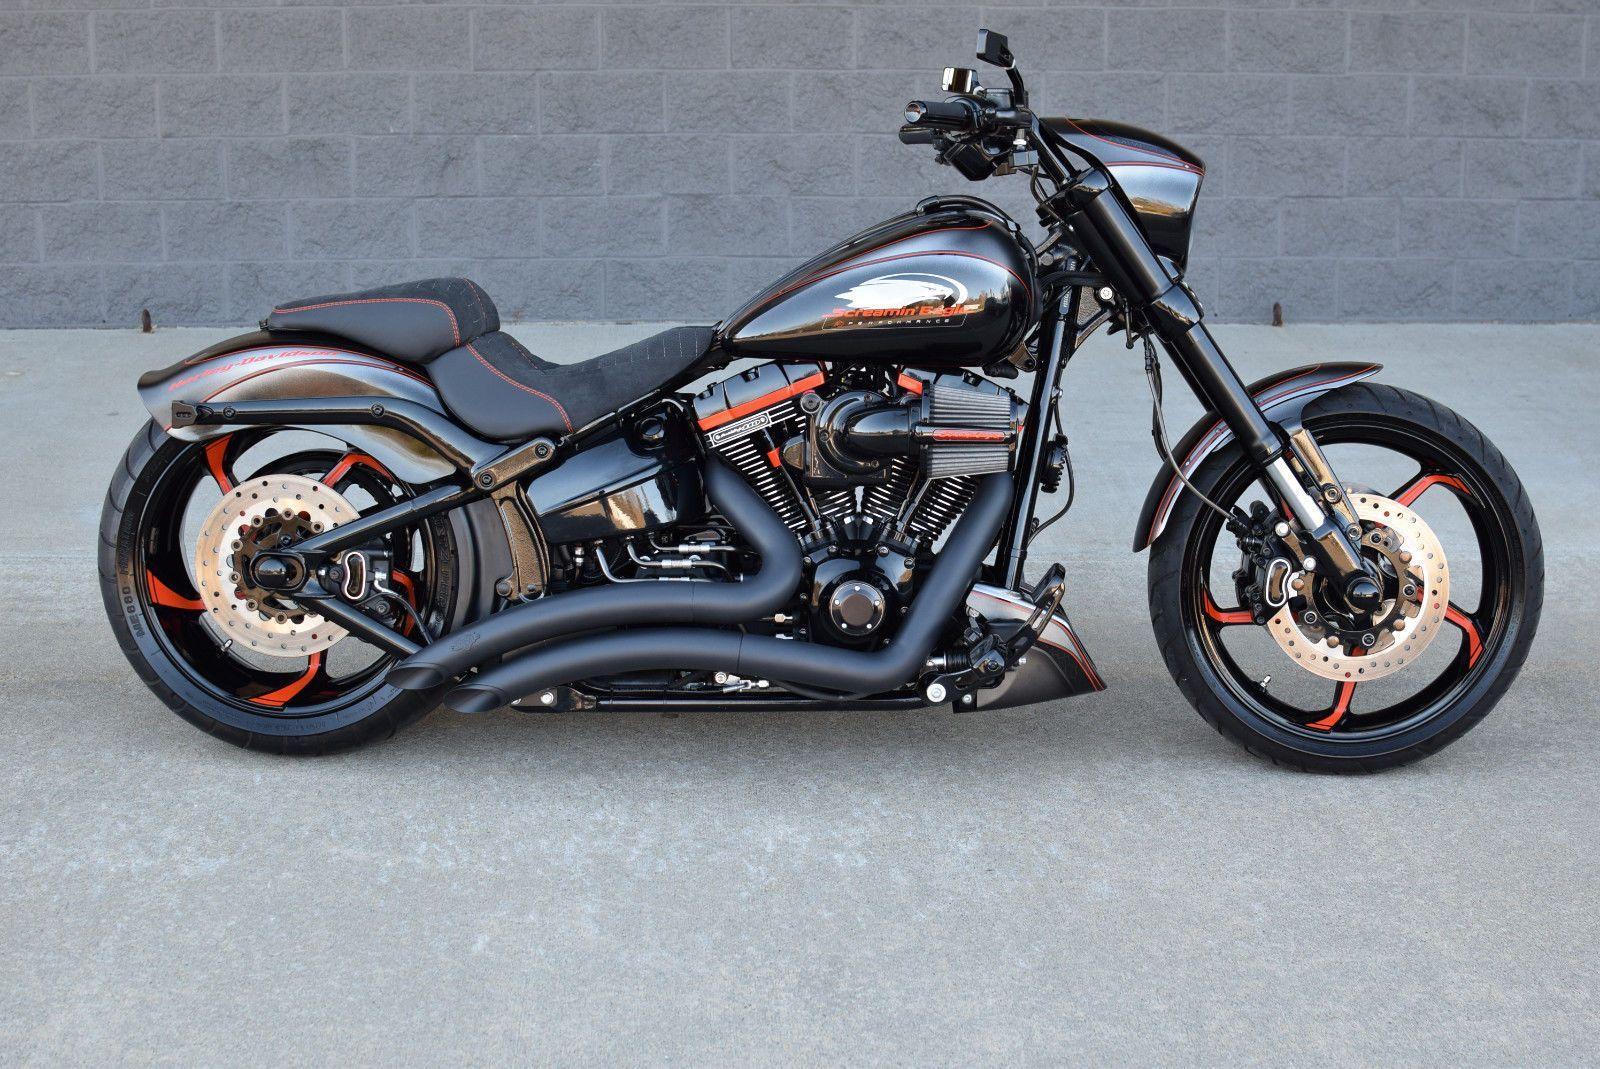 Ebay 2016 Harley Davidson Softail Fxse Breakout Screamin Eagle Cvo 10k In